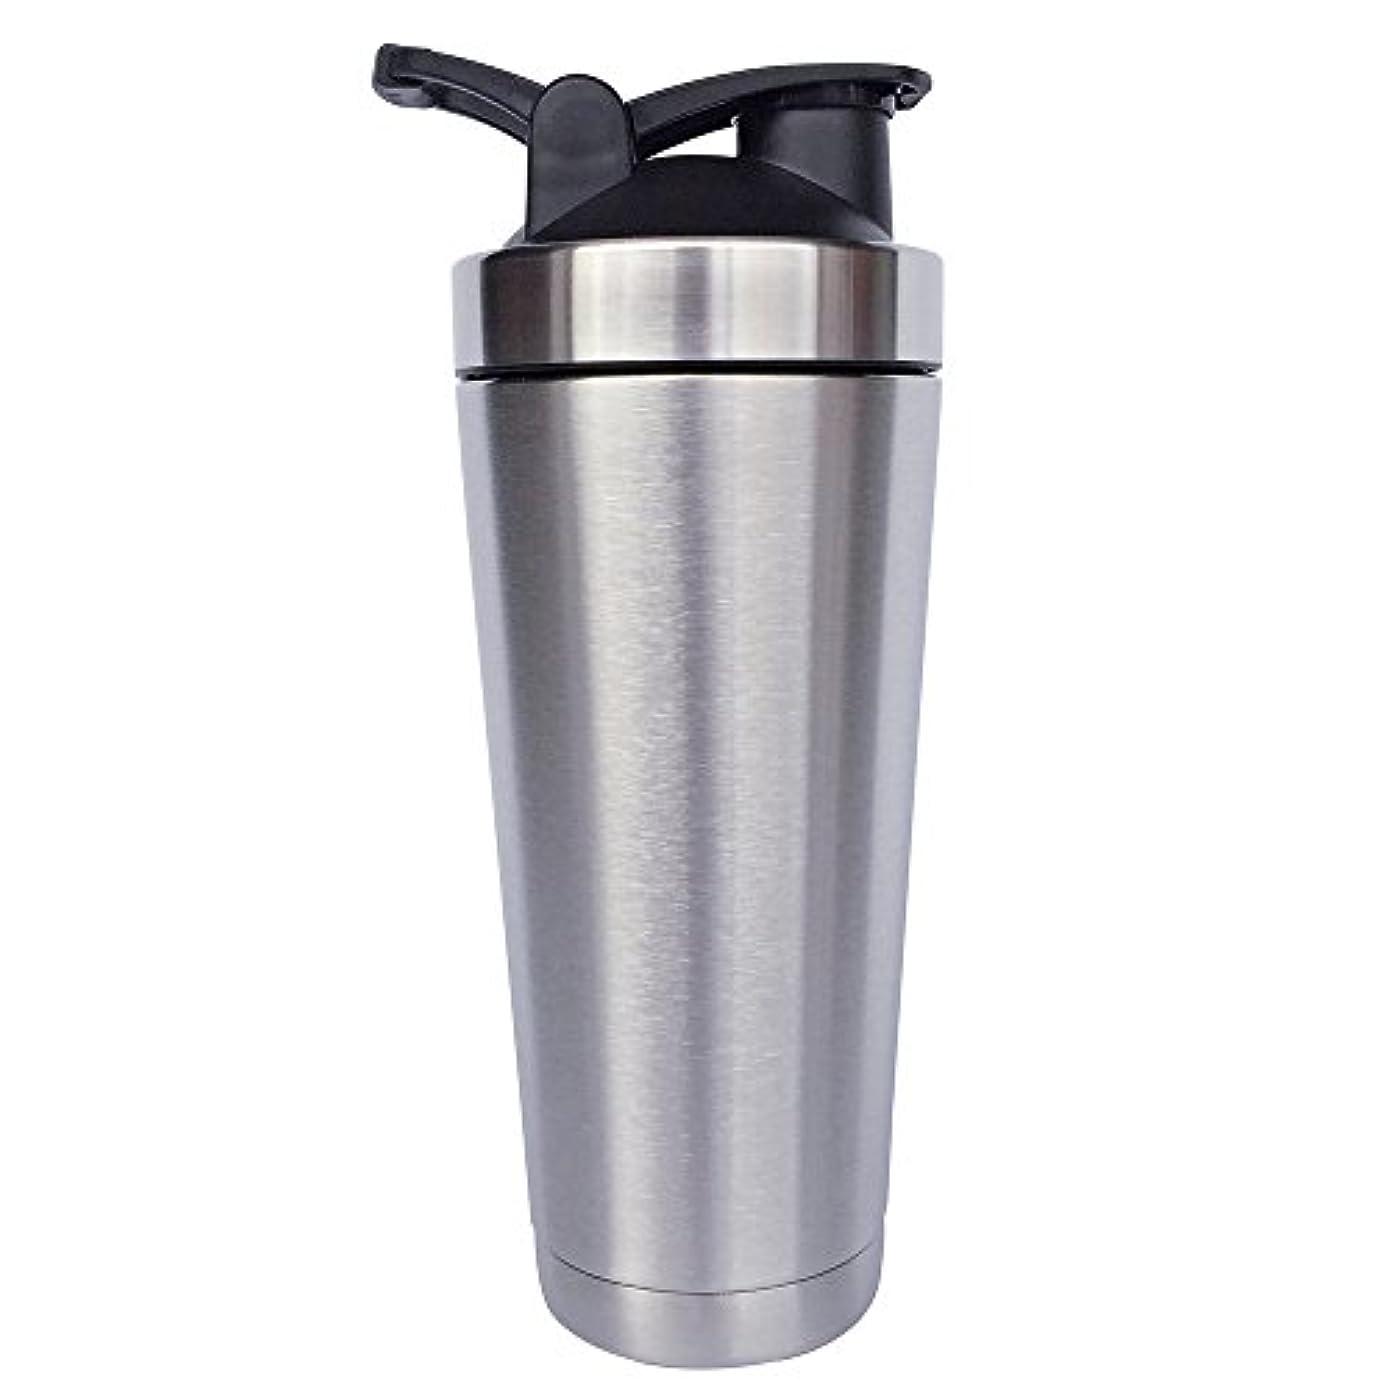 原理エゴイズム原理ステンレス鋼 スポーツウォーターボトル タンパク質ミルクセーキシェーカー?カップ 振ってボール ビグサイズ